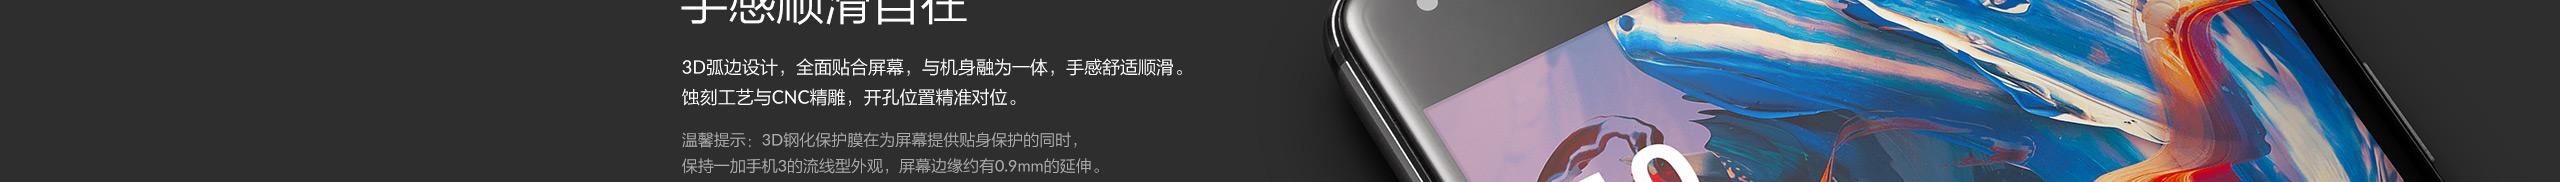 一加手机3钢化3D玻璃保护膜(黑色) 11